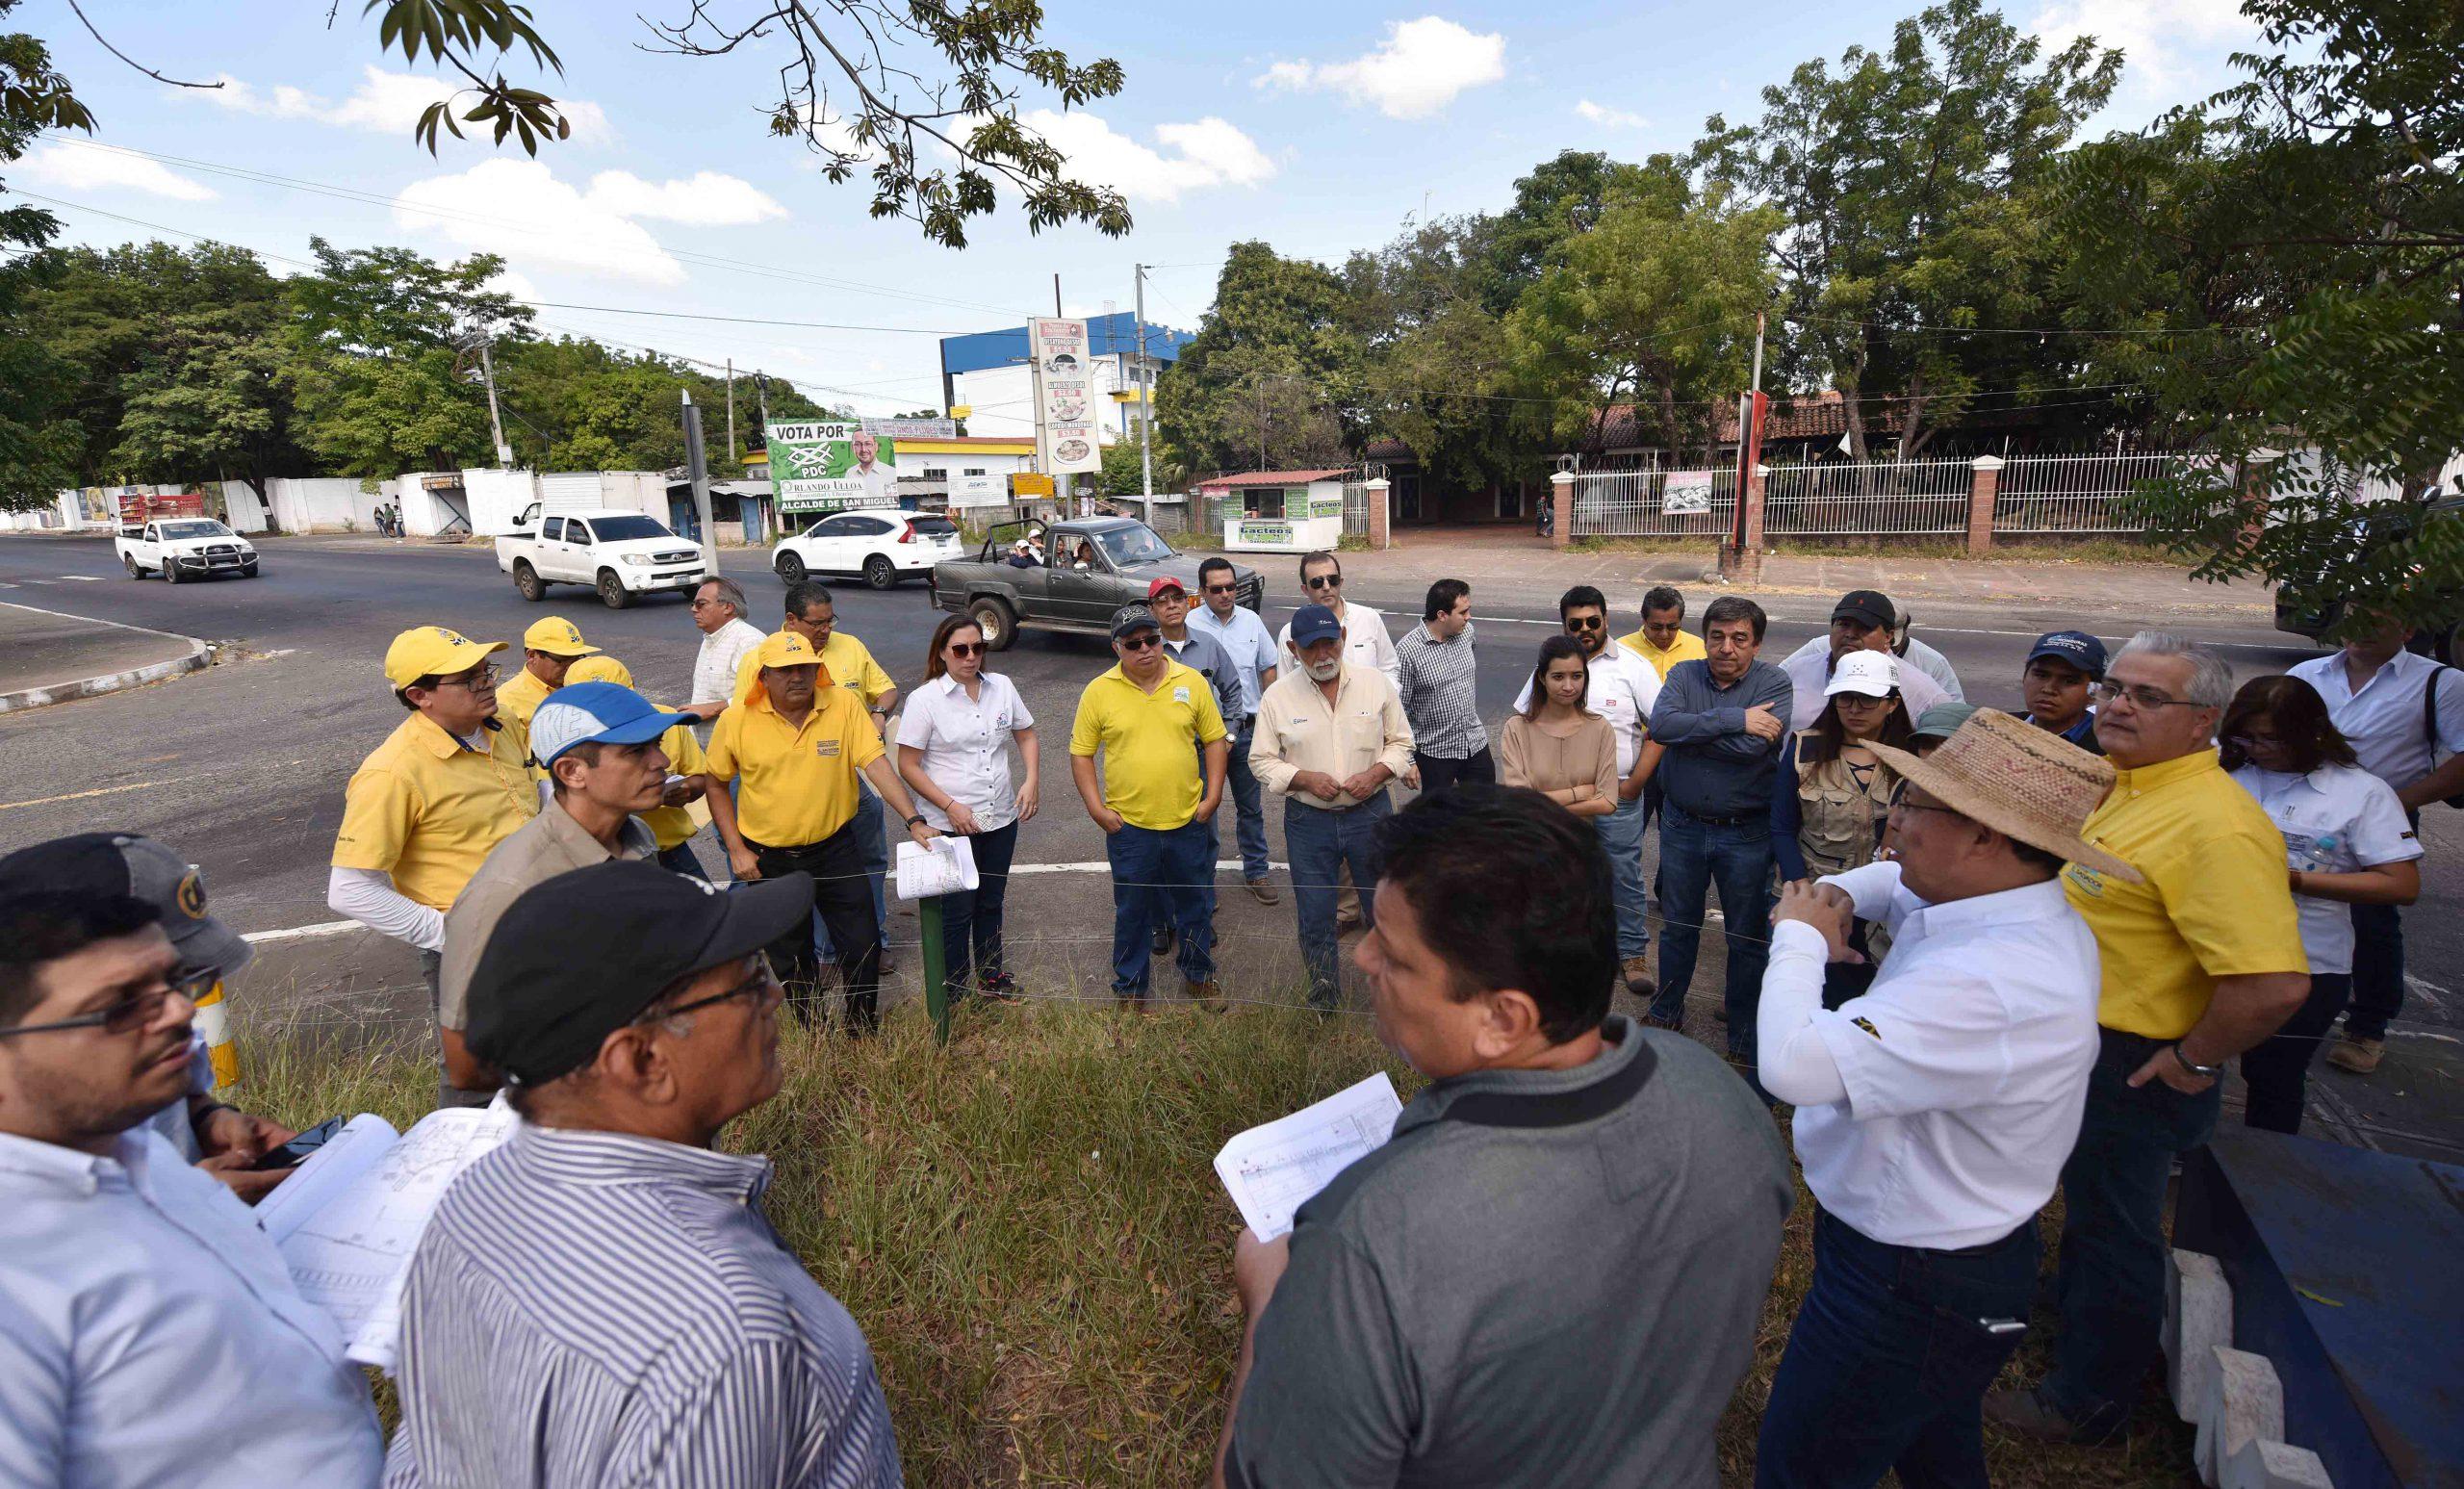 MOP y empresas calificadas para construcción bypass San Miguel hacen visita técnica a zona de proyecto